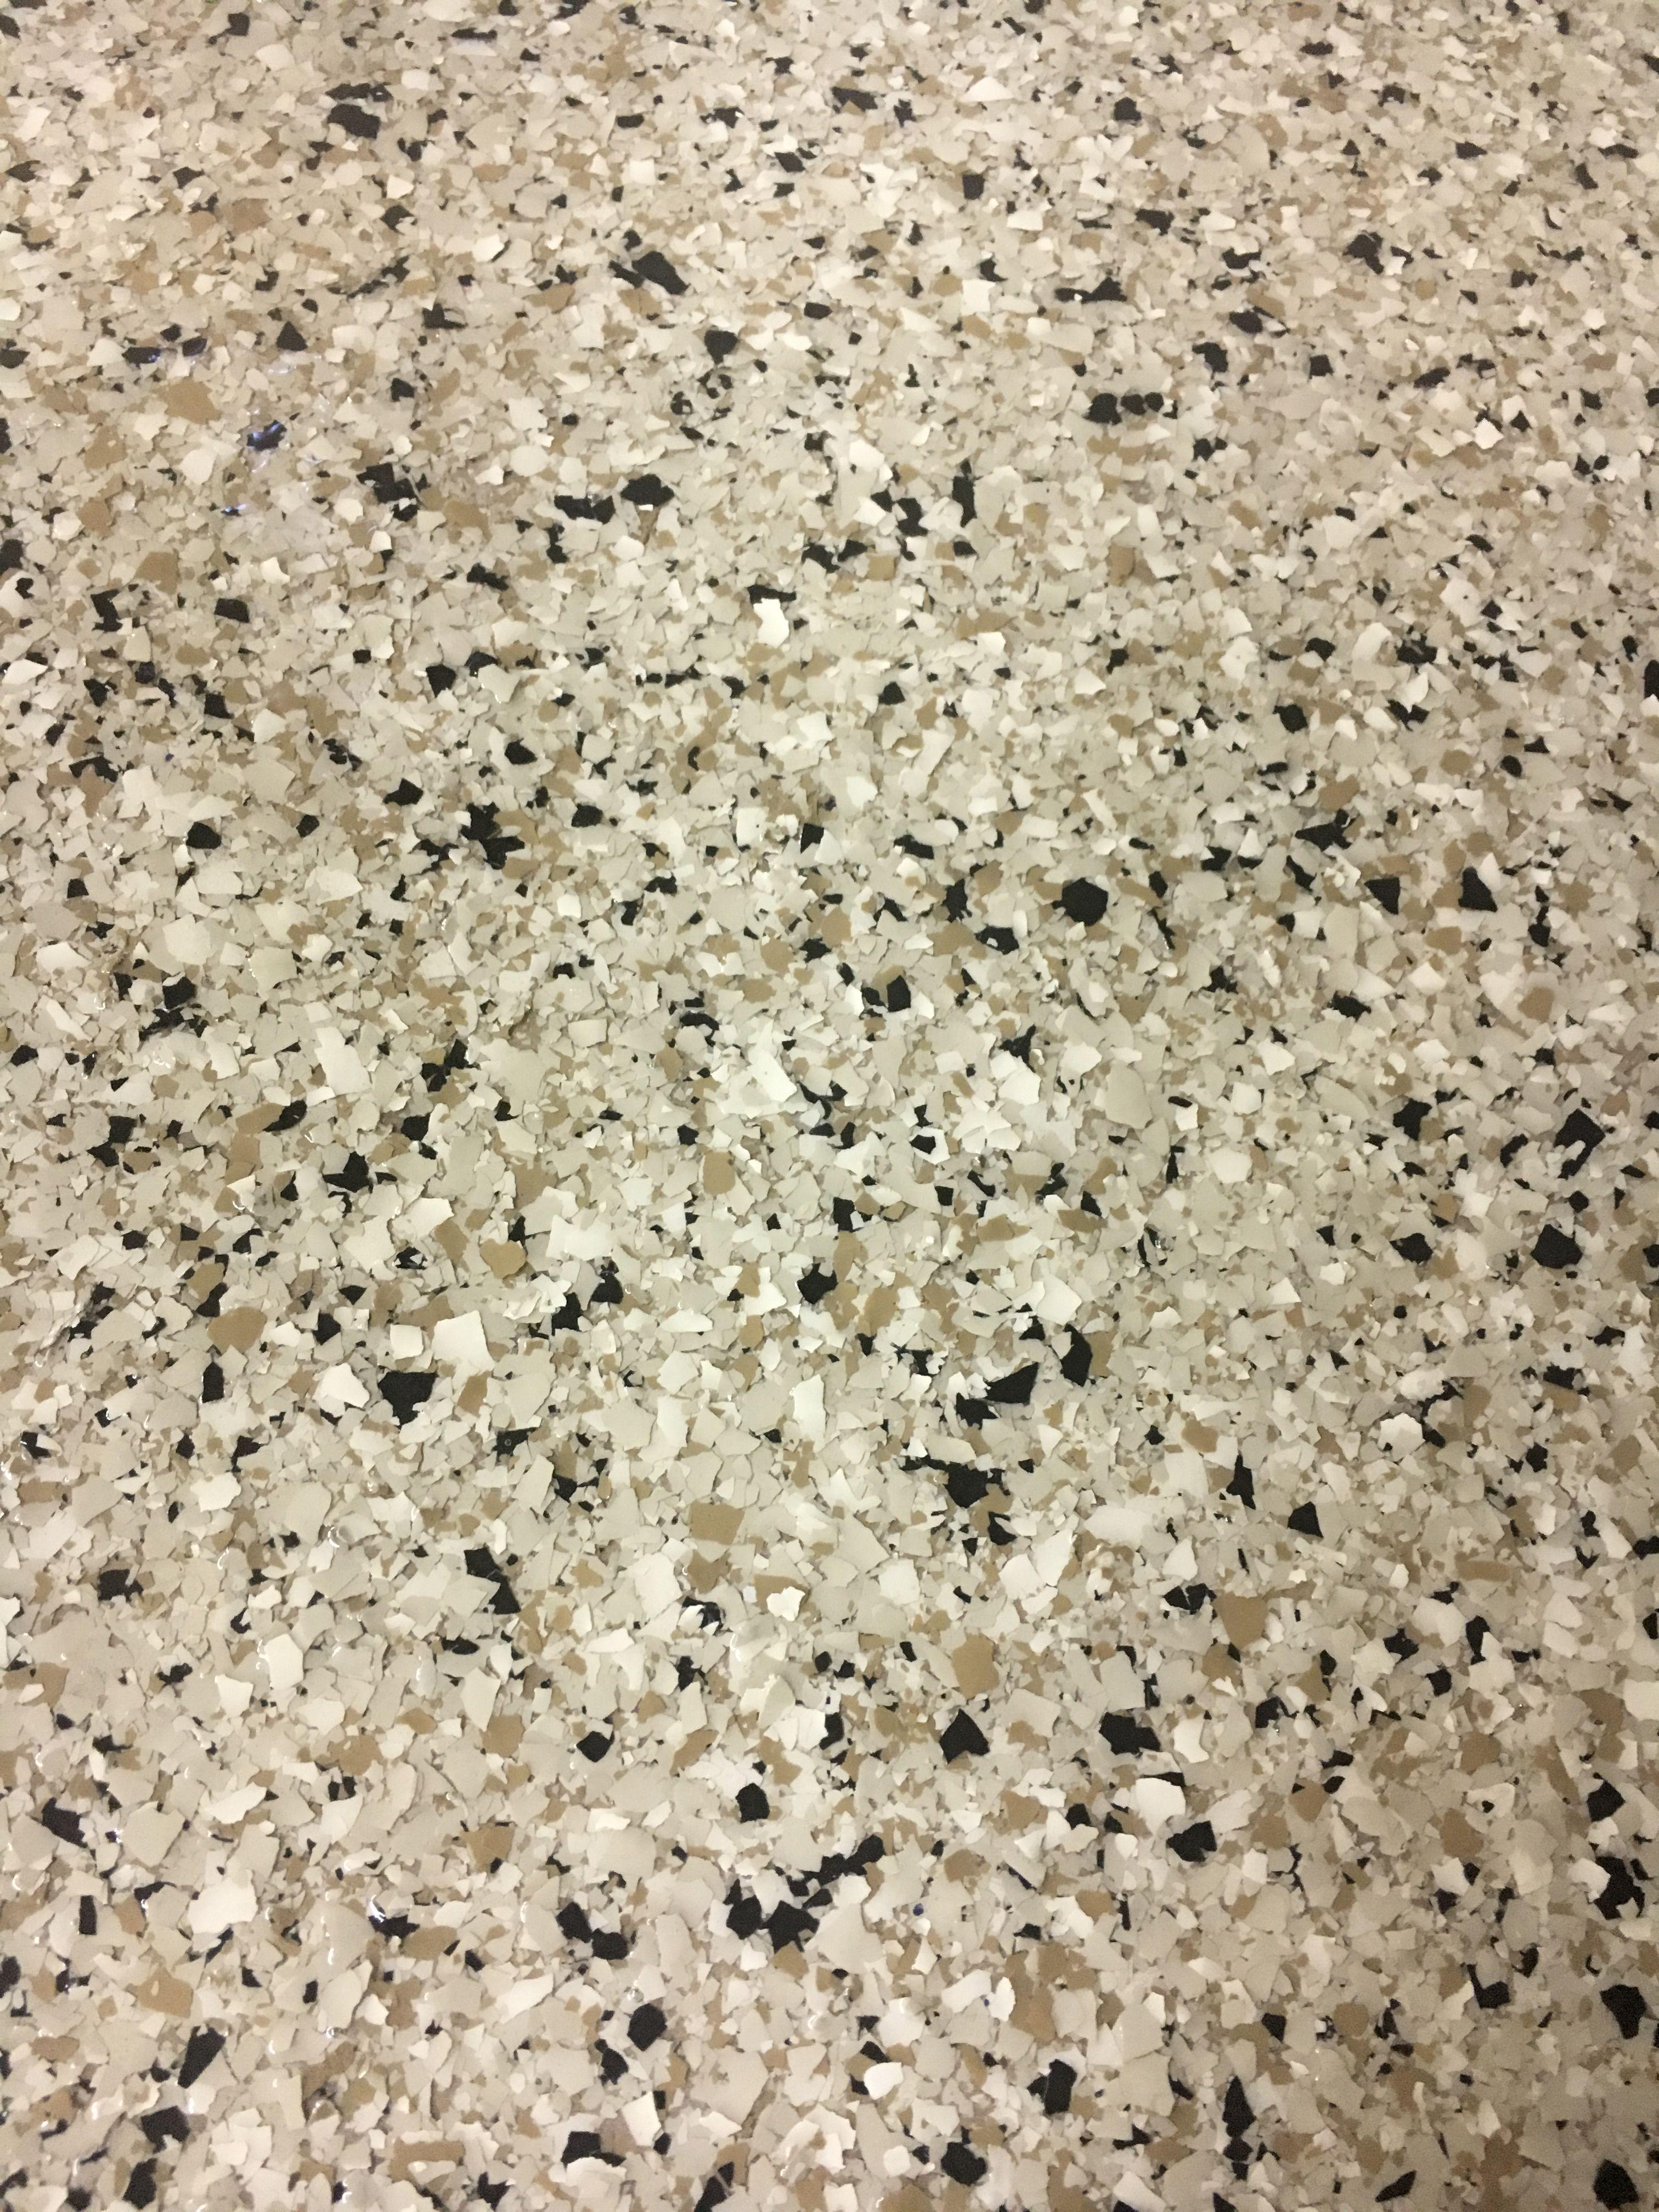 Epoxy Flooring In Vineland With Images Epoxy Floor Flooring